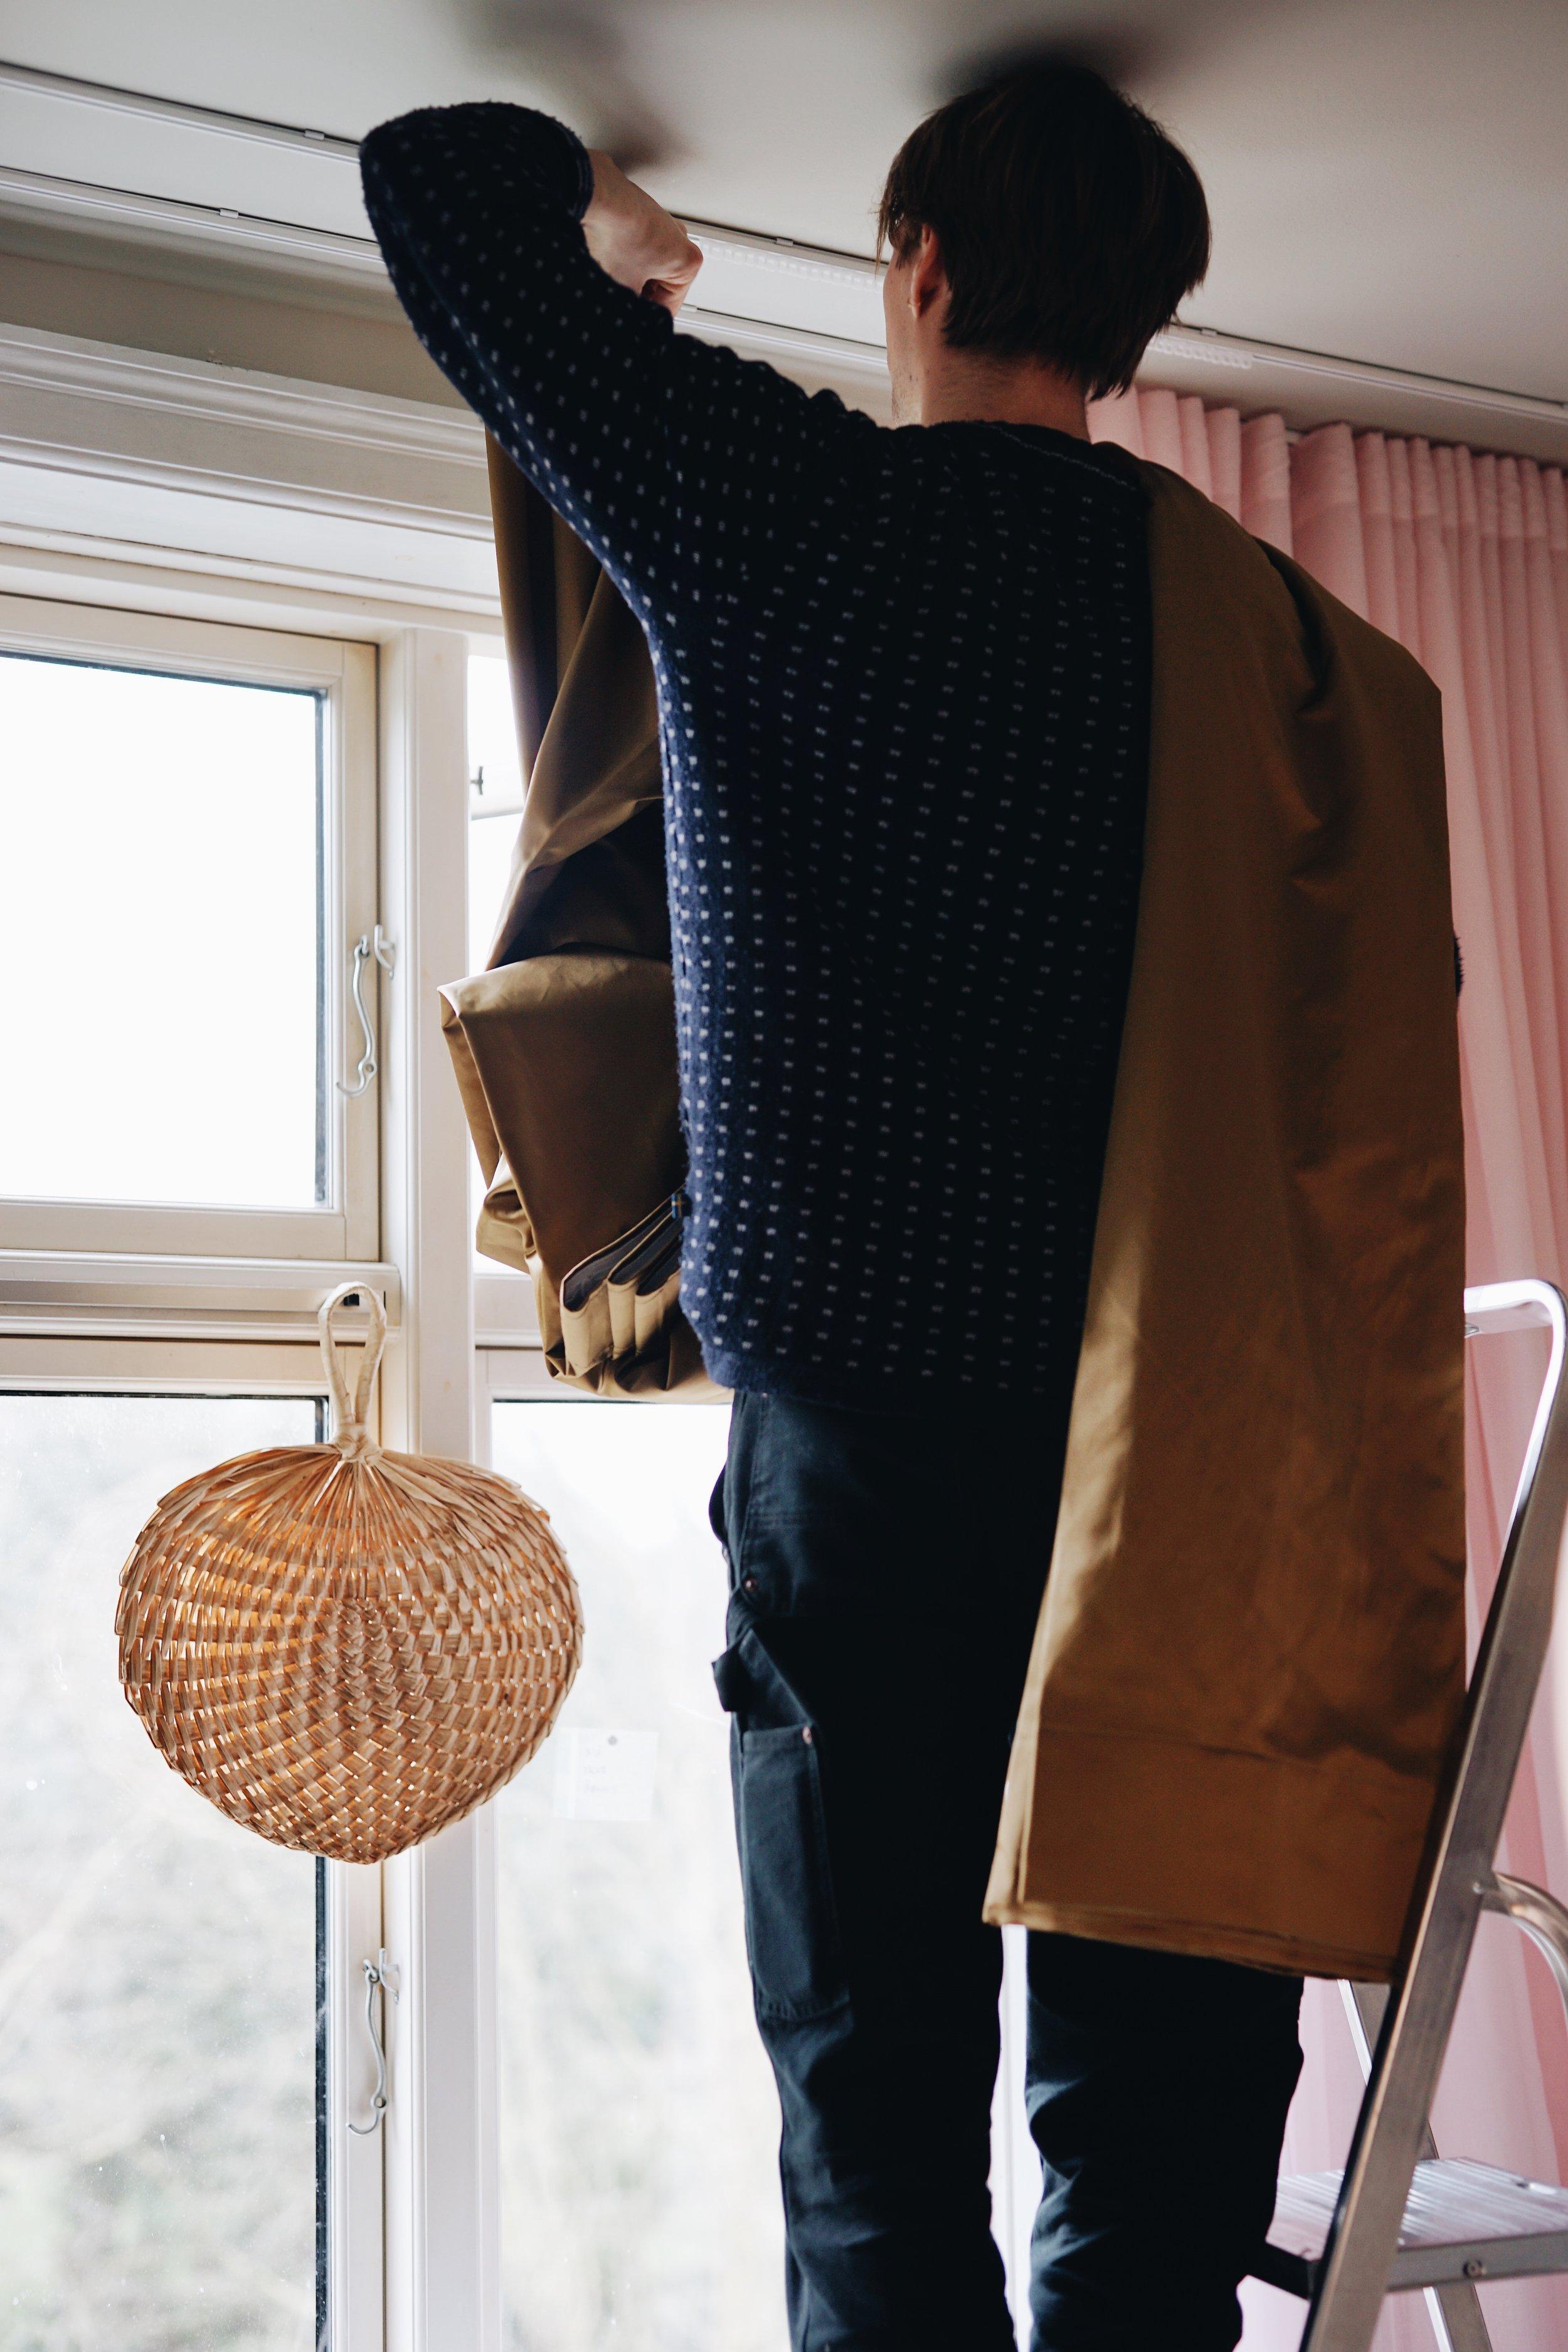 ASROSENVINGE_Arne Aksel_Curtains_Frederiksberg_Home-7.JPG